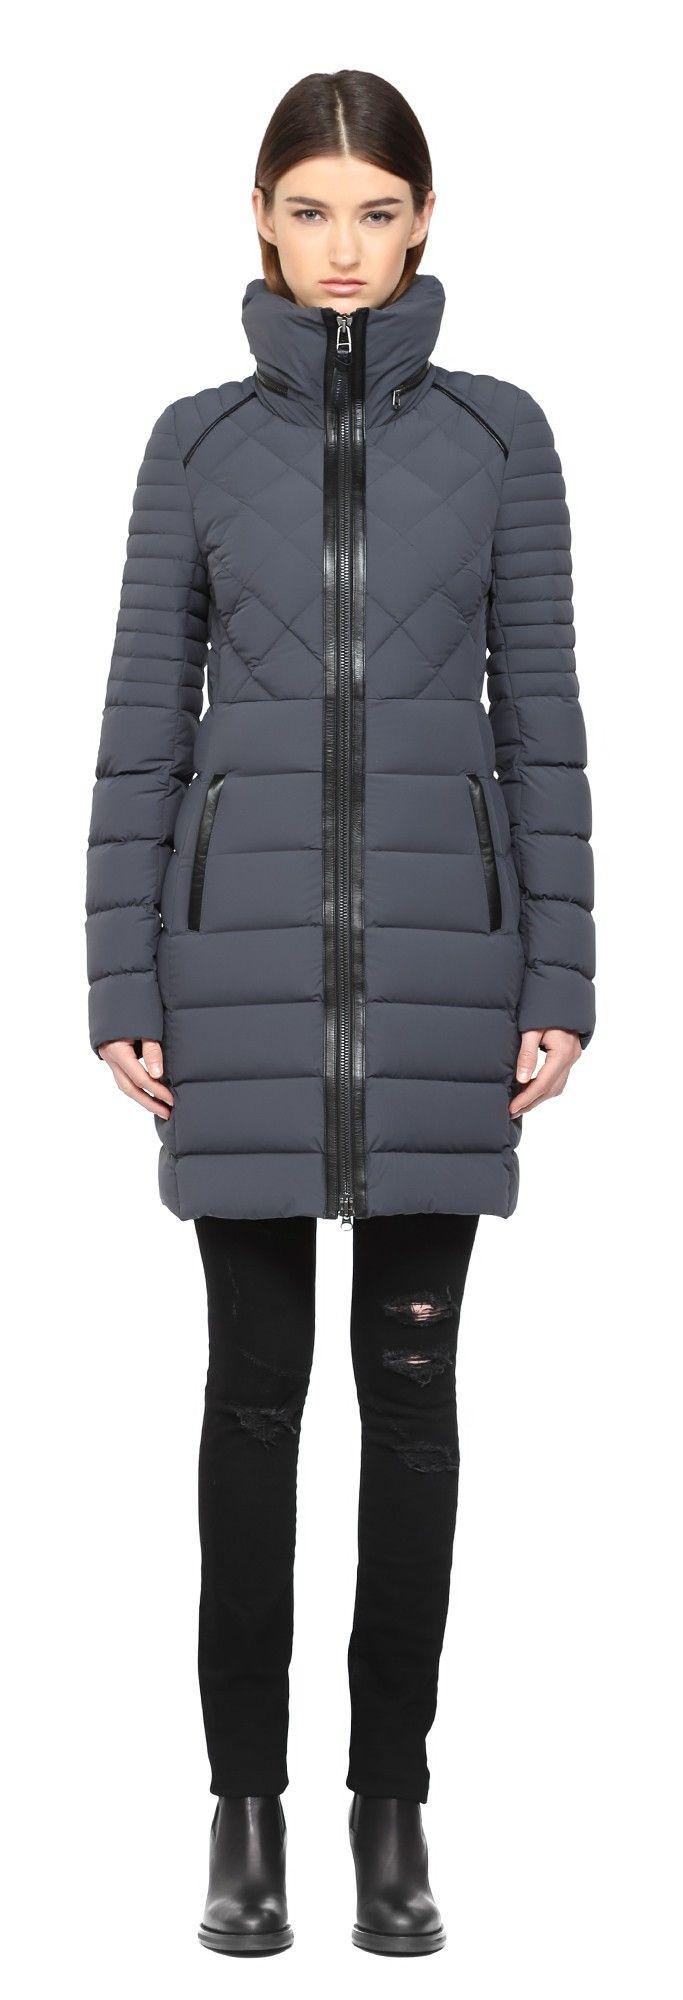 Mackage - Manteau en duvet léger Micah disponible en taille TTP - prix régulier 650,00$